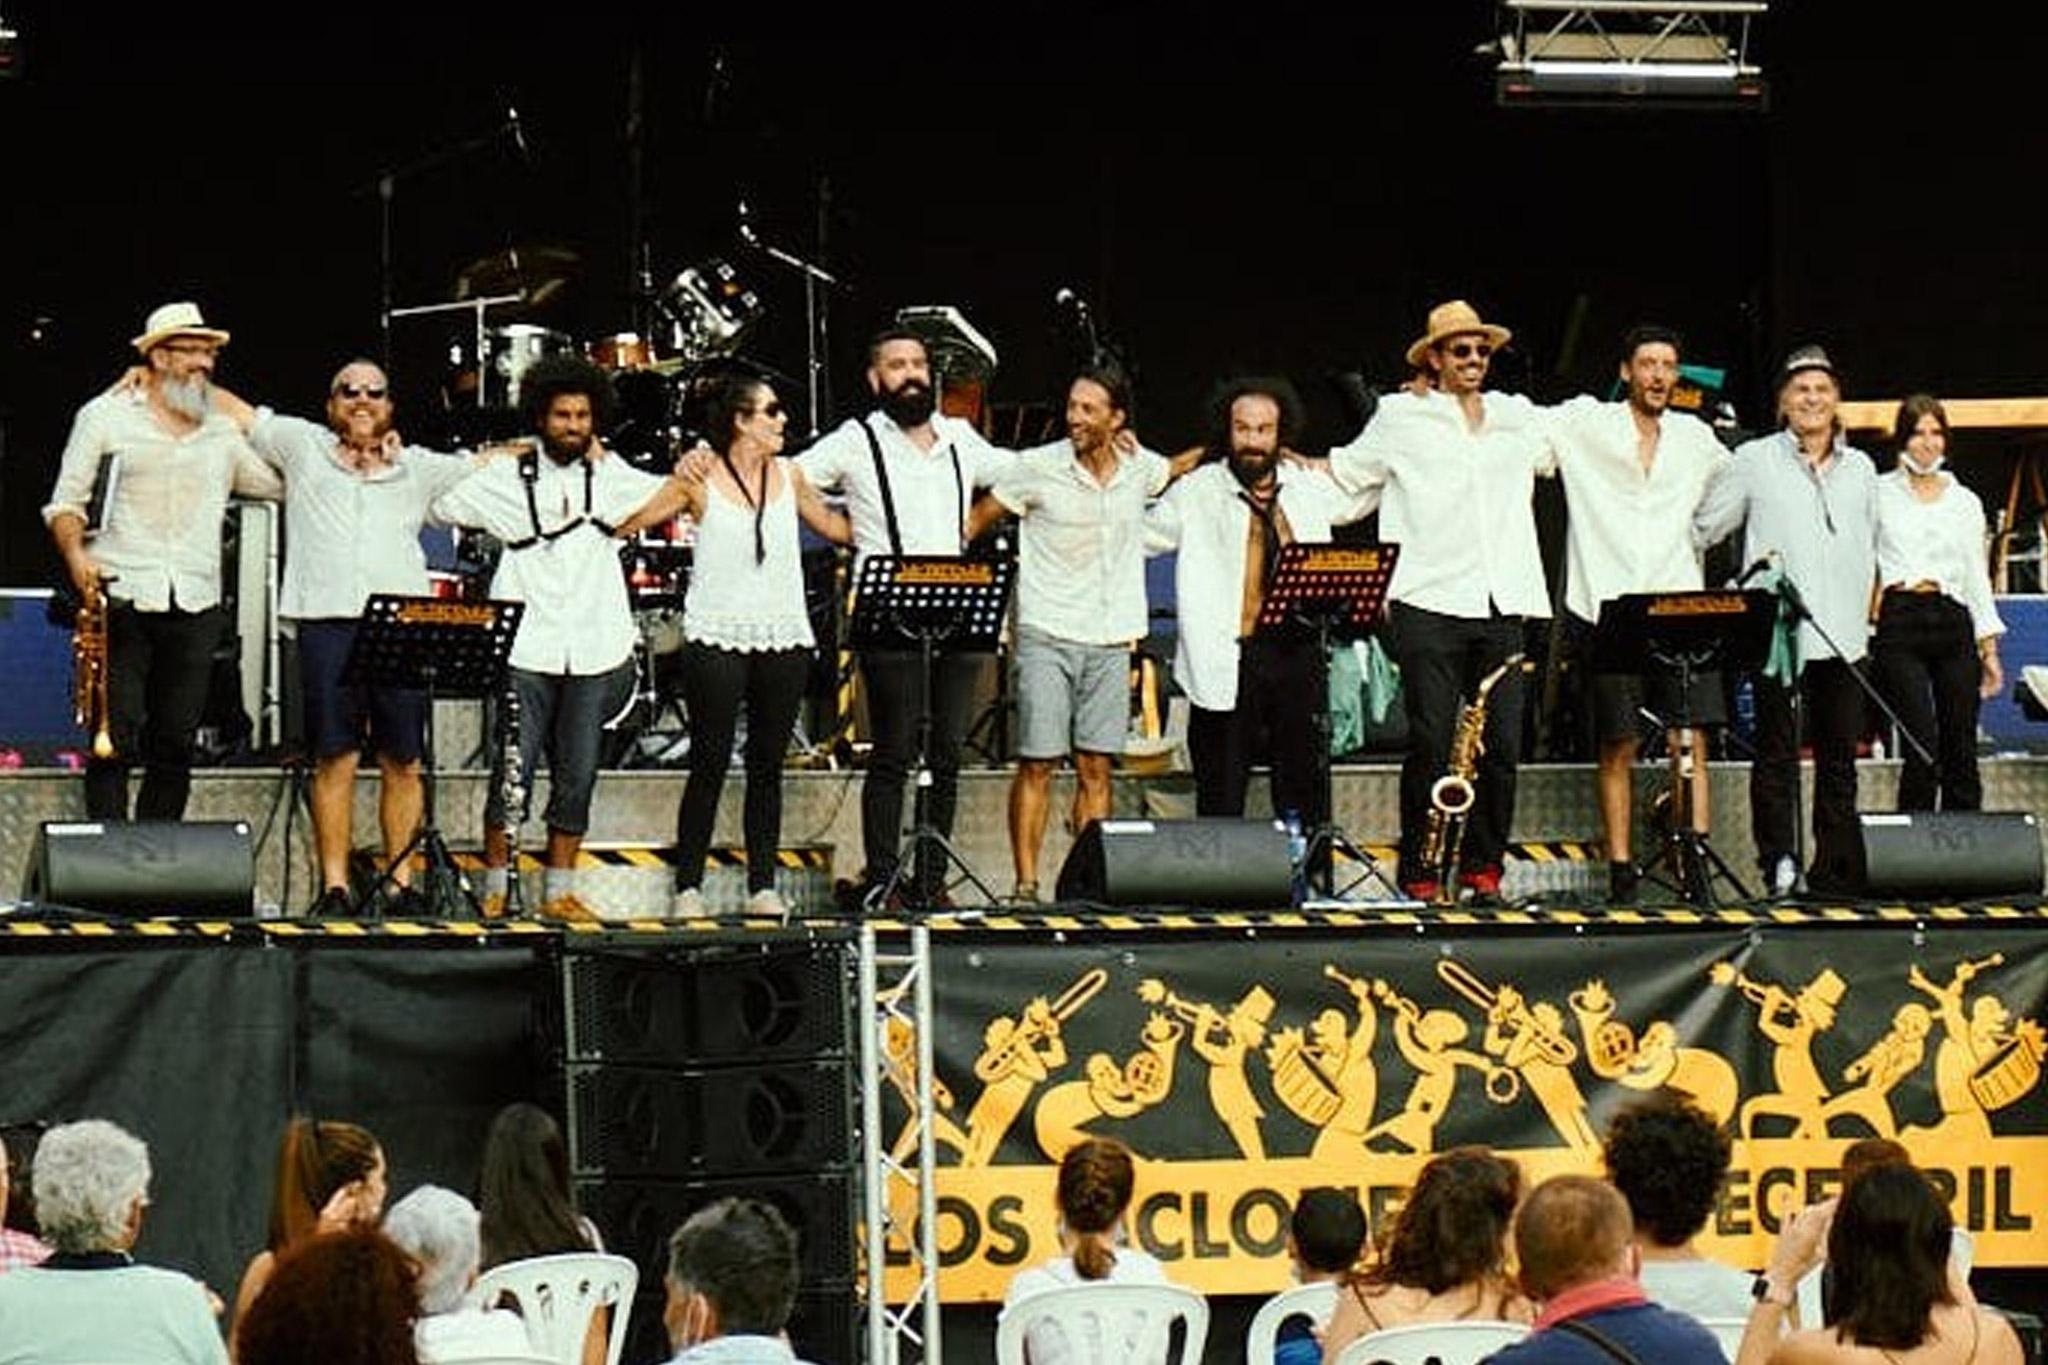 Los Ciclones del Becerril, c'est une histoire d'amitié qui s'est construite au fur et à mesure des années. A la suite d'une rencontre fort enjouée avec La Collectore, la bande de joyeux espagnols est venue au premier Pressoir, en 2010. De là est née l'idée de monter un groupe, qui se produit depuis plusieurs années maintenant, et même un festival, tous les étés !!